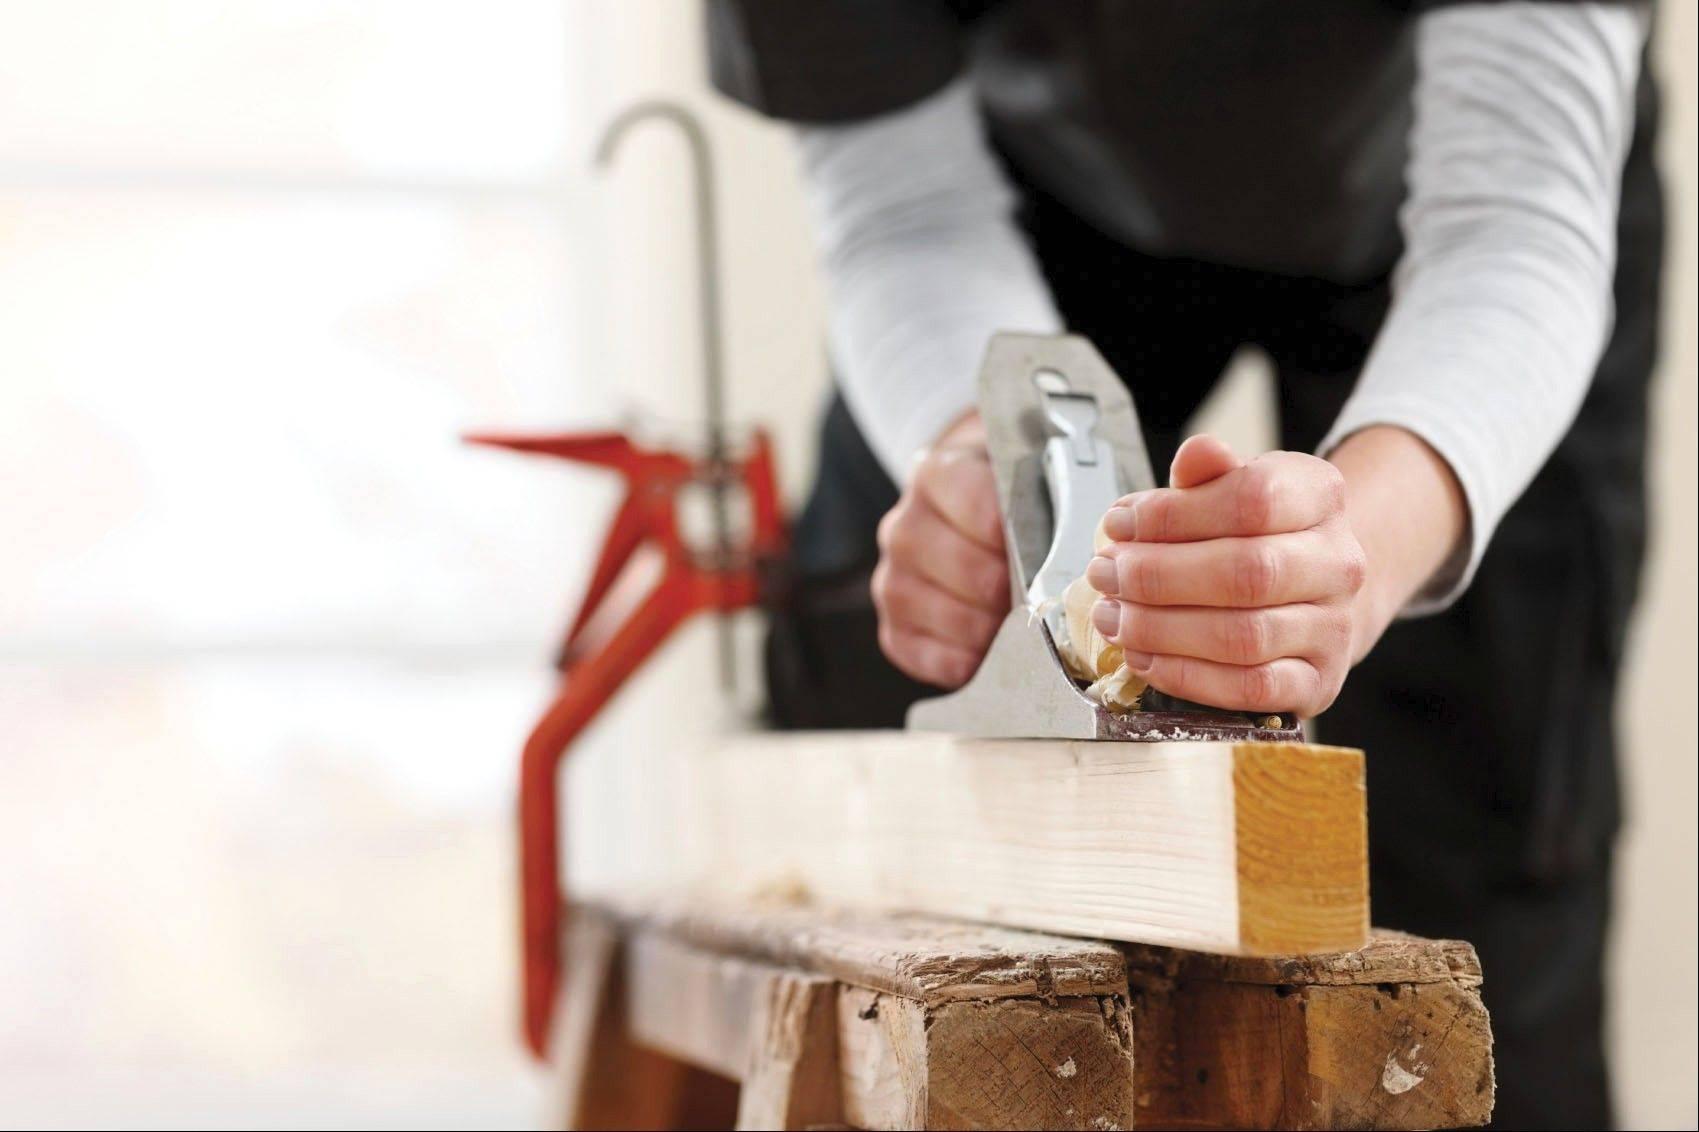 how to start carpentry hobby